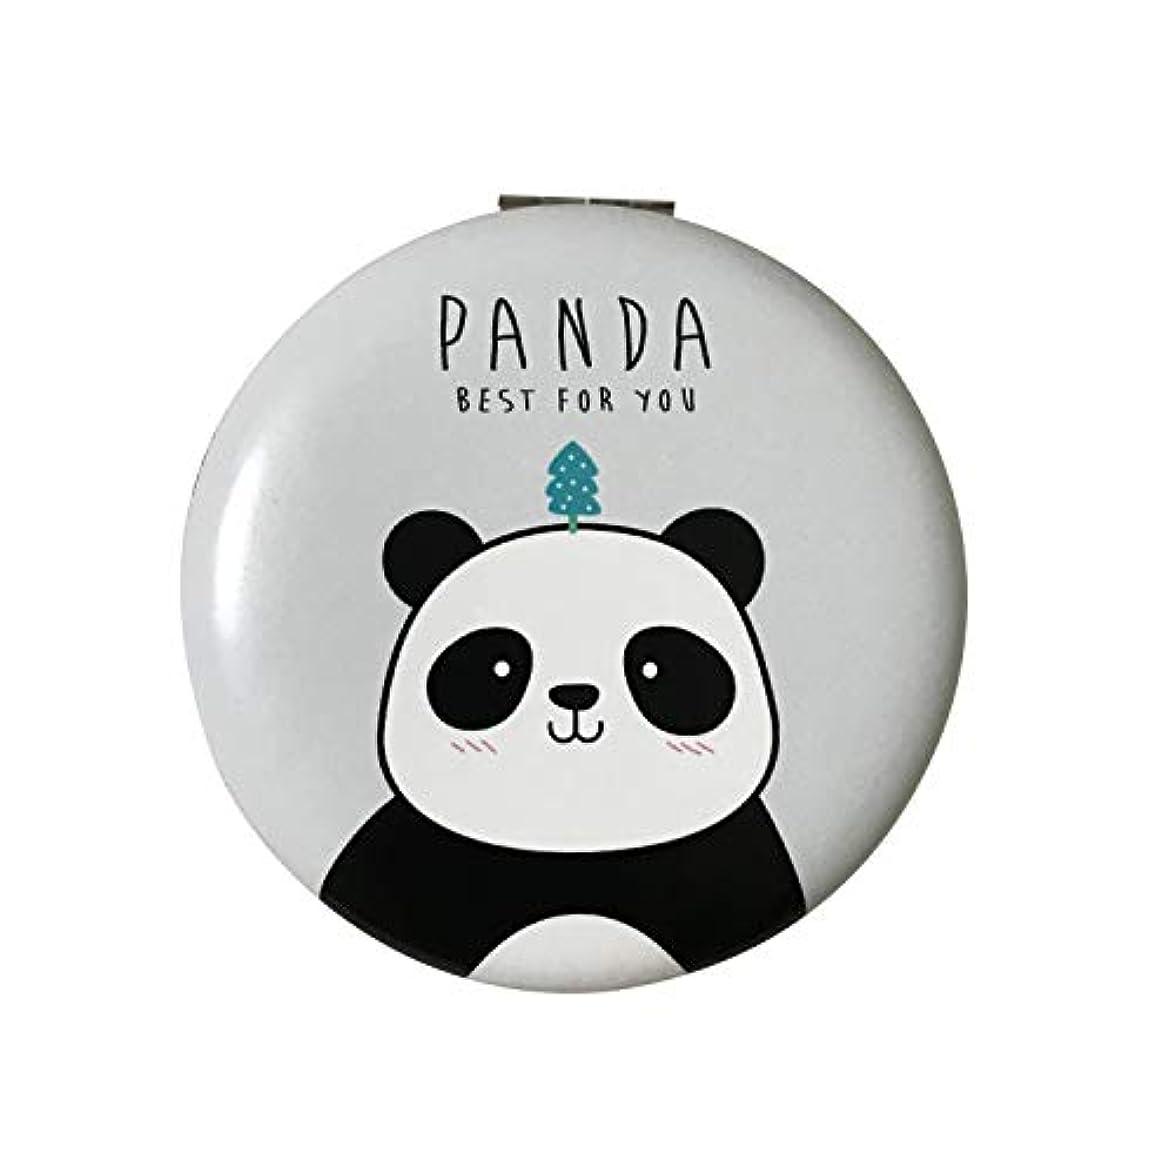 ふさわしい旅行代理店サイドボード手鏡 コンパクトミラー 両面化粧鏡 携帯ミラー 折りたたみ 割れない パンダ 拡大鏡付き グレー 丸型